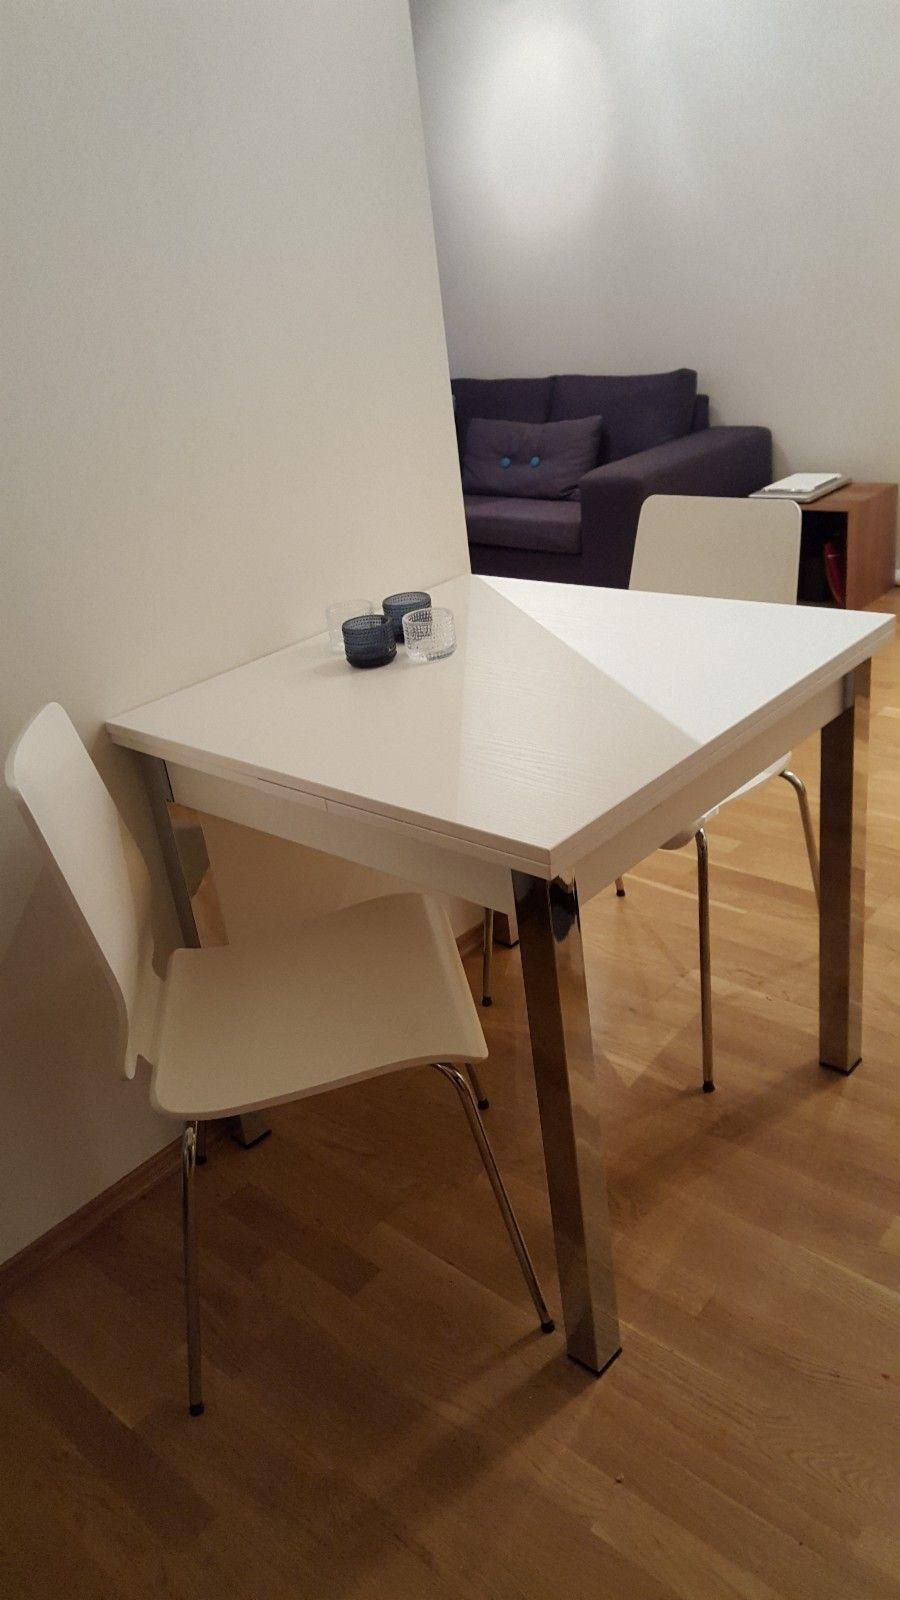 FINN - Nytt spisebord til salgs!